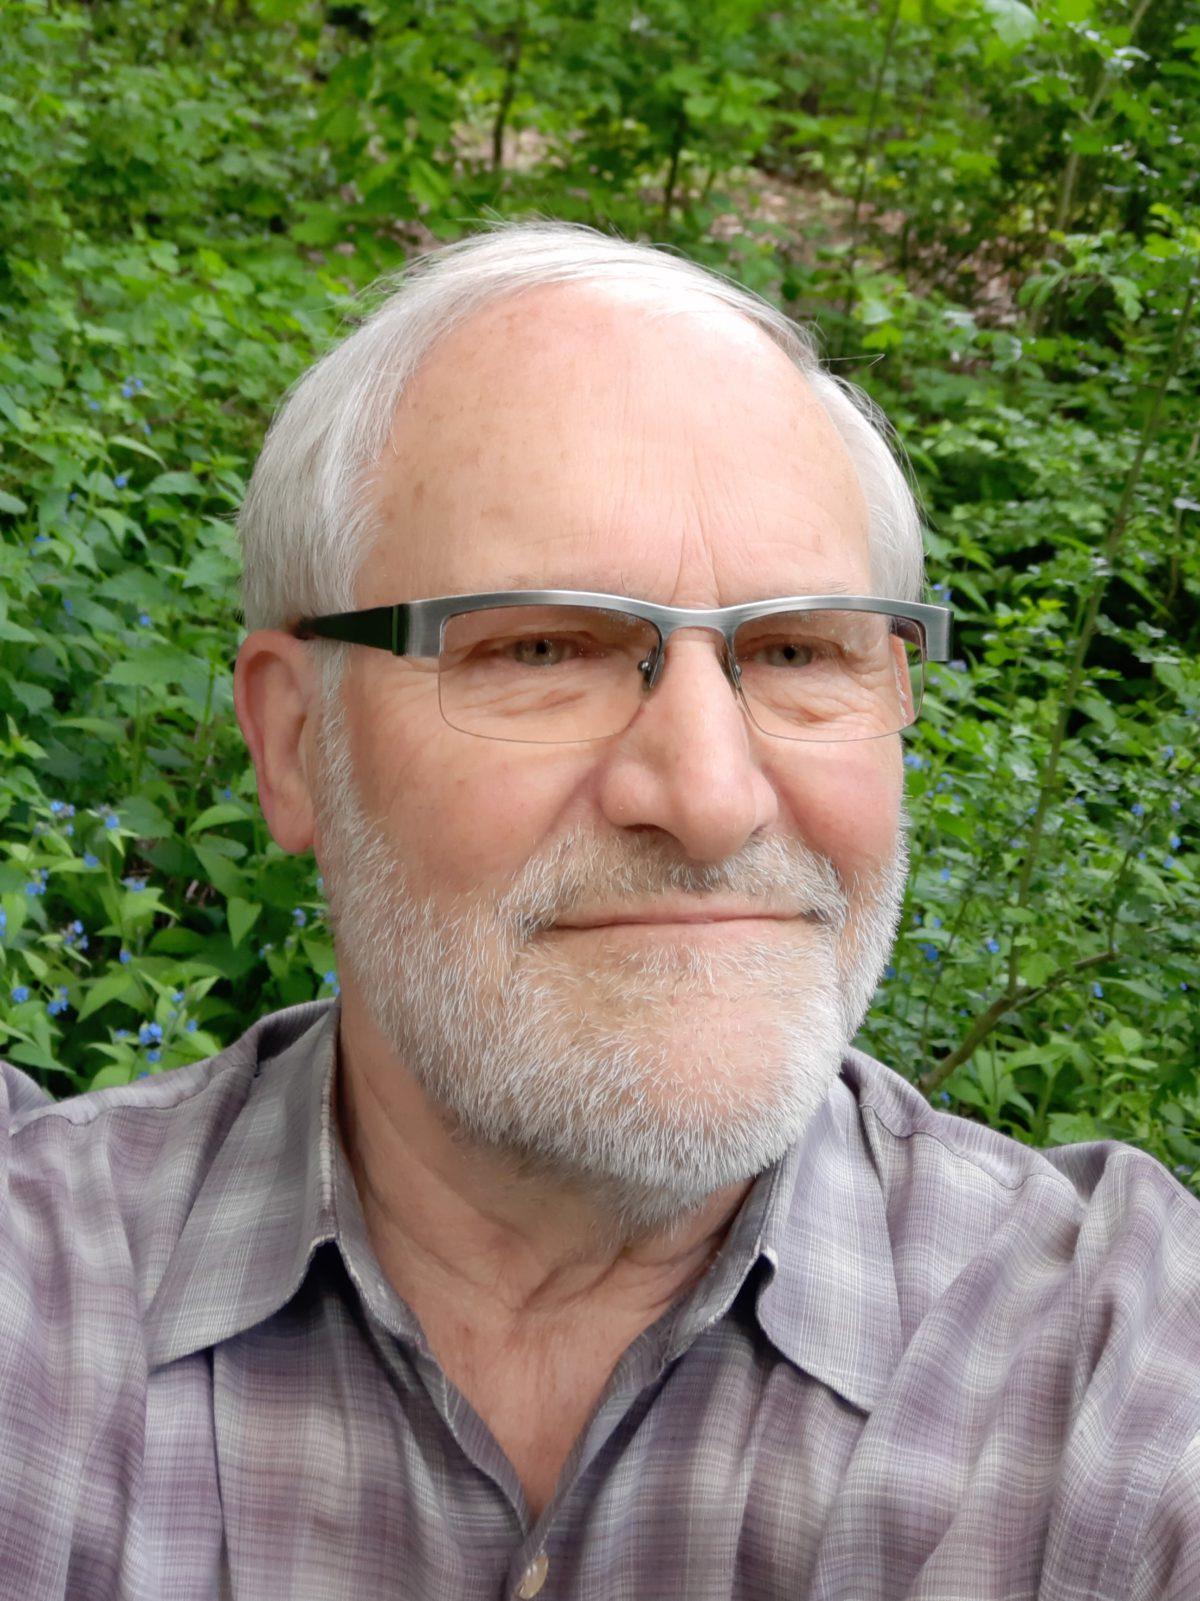 Mark Claus